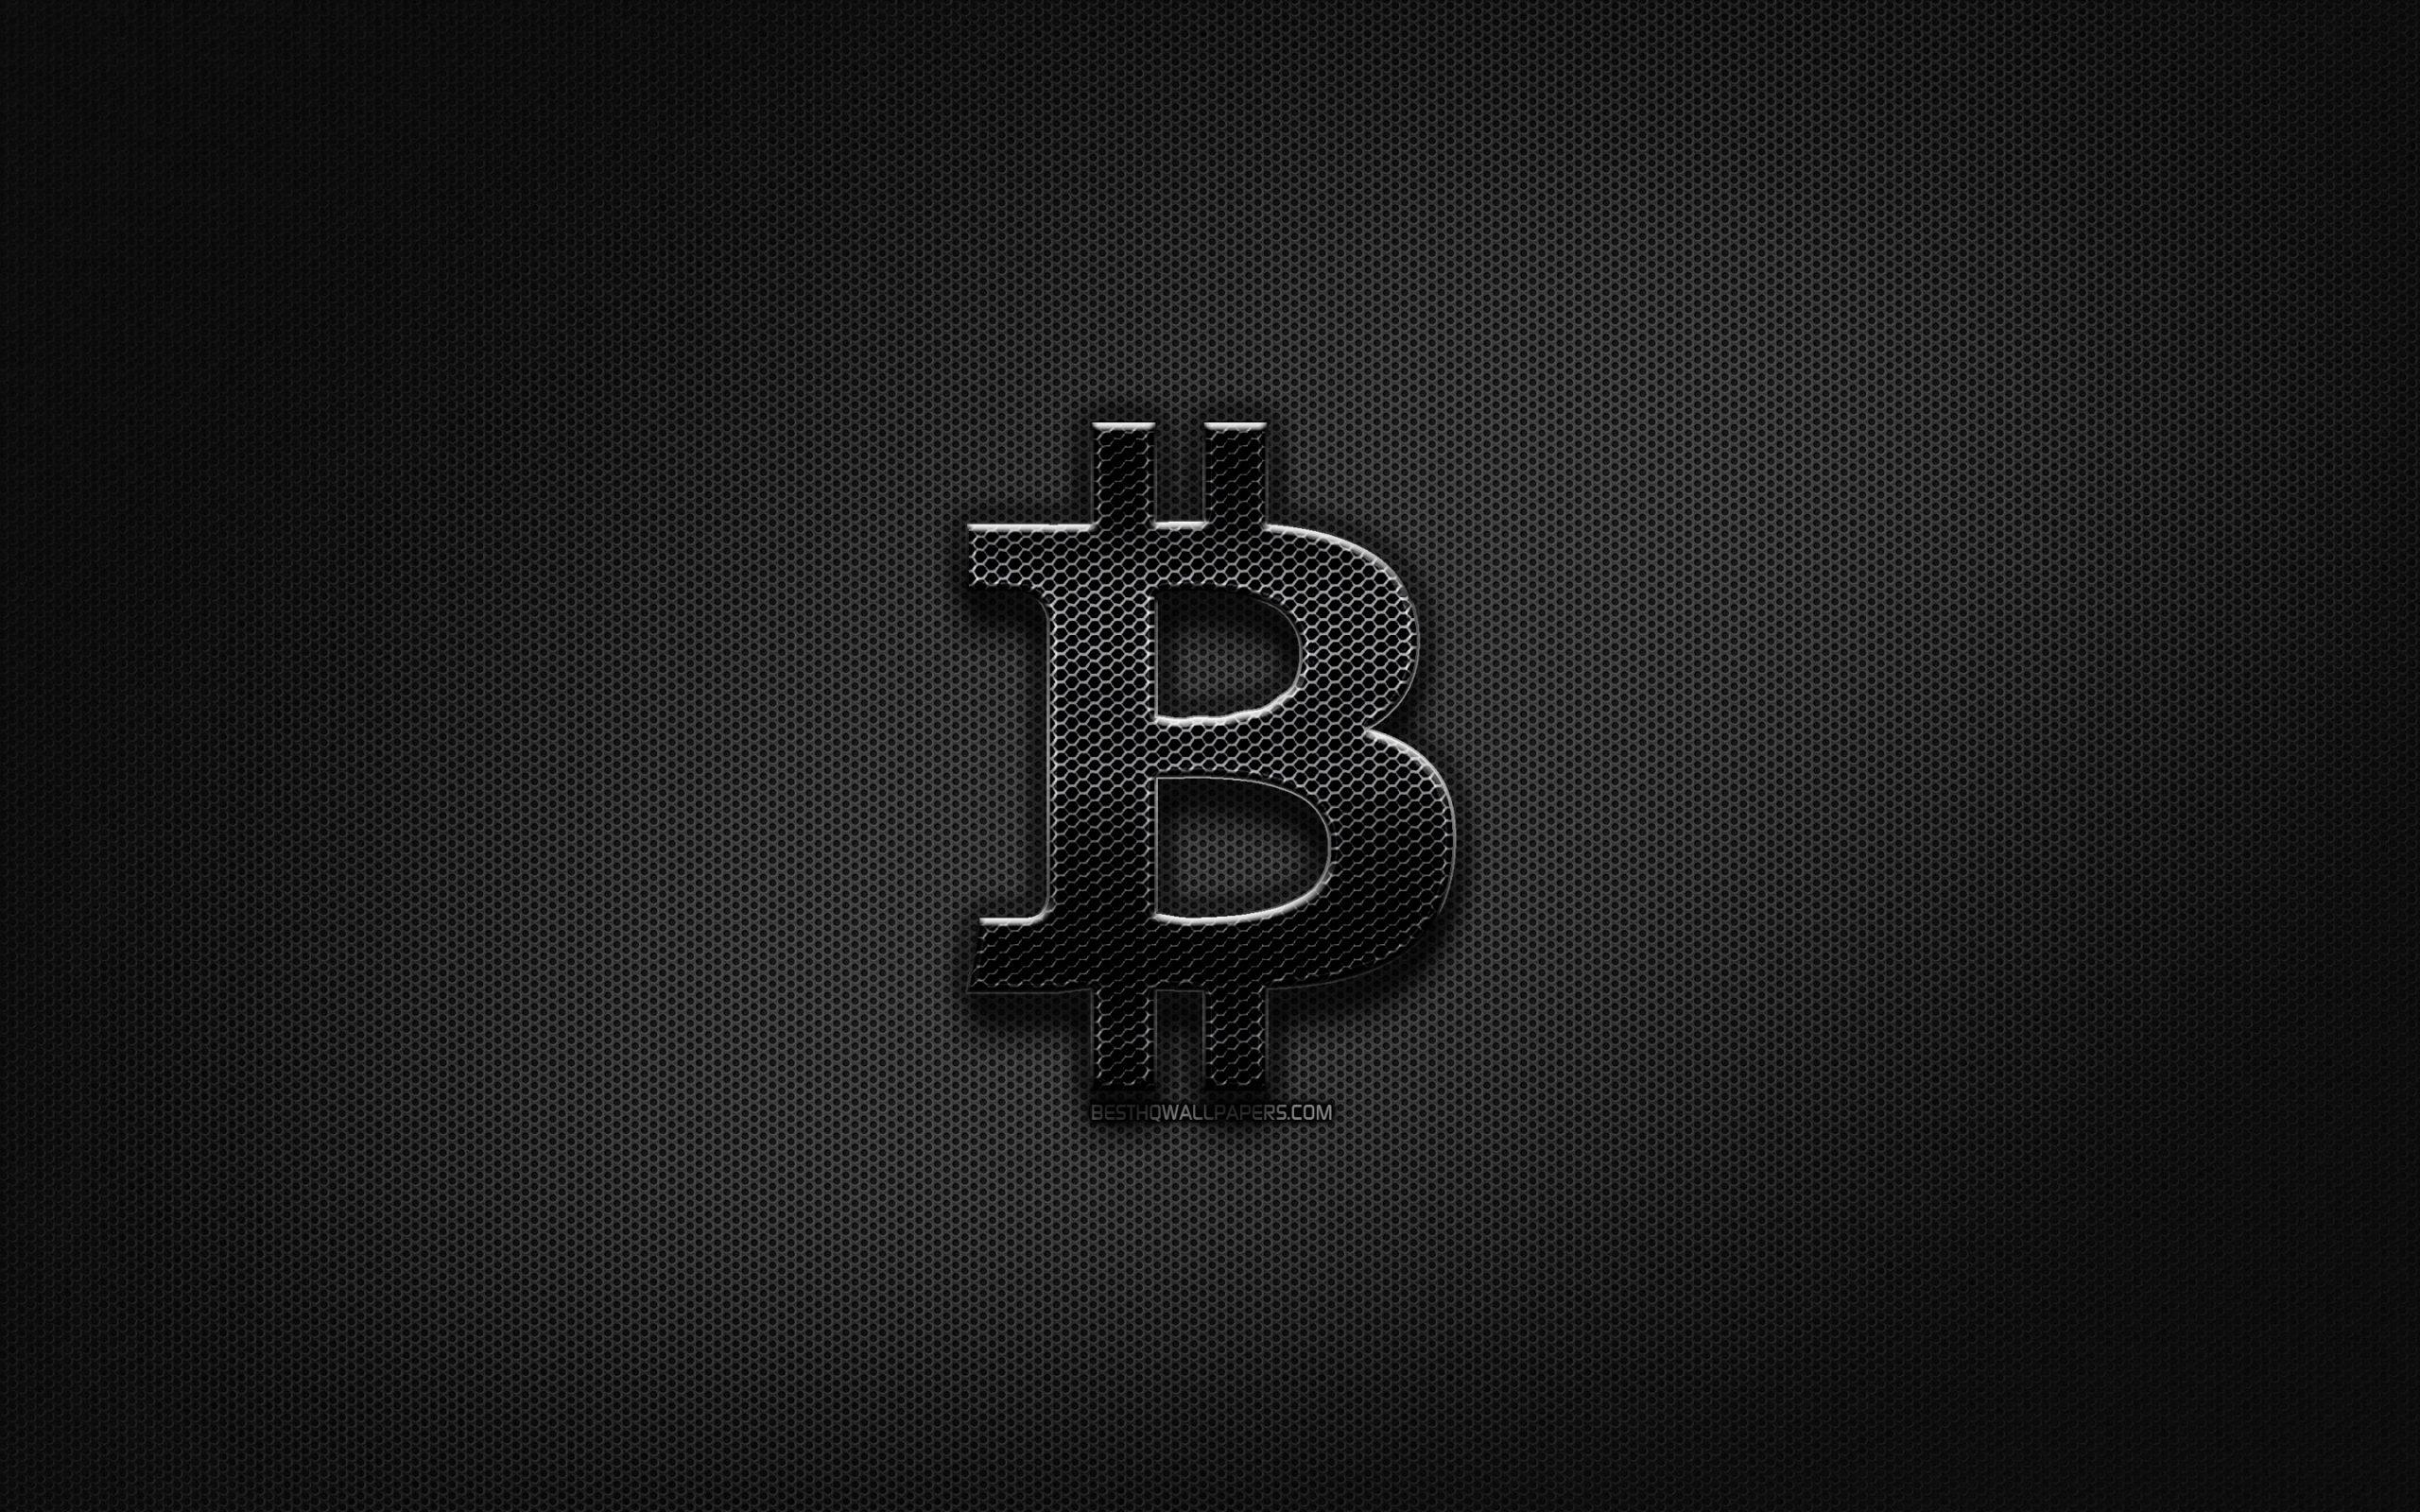 Btc prize